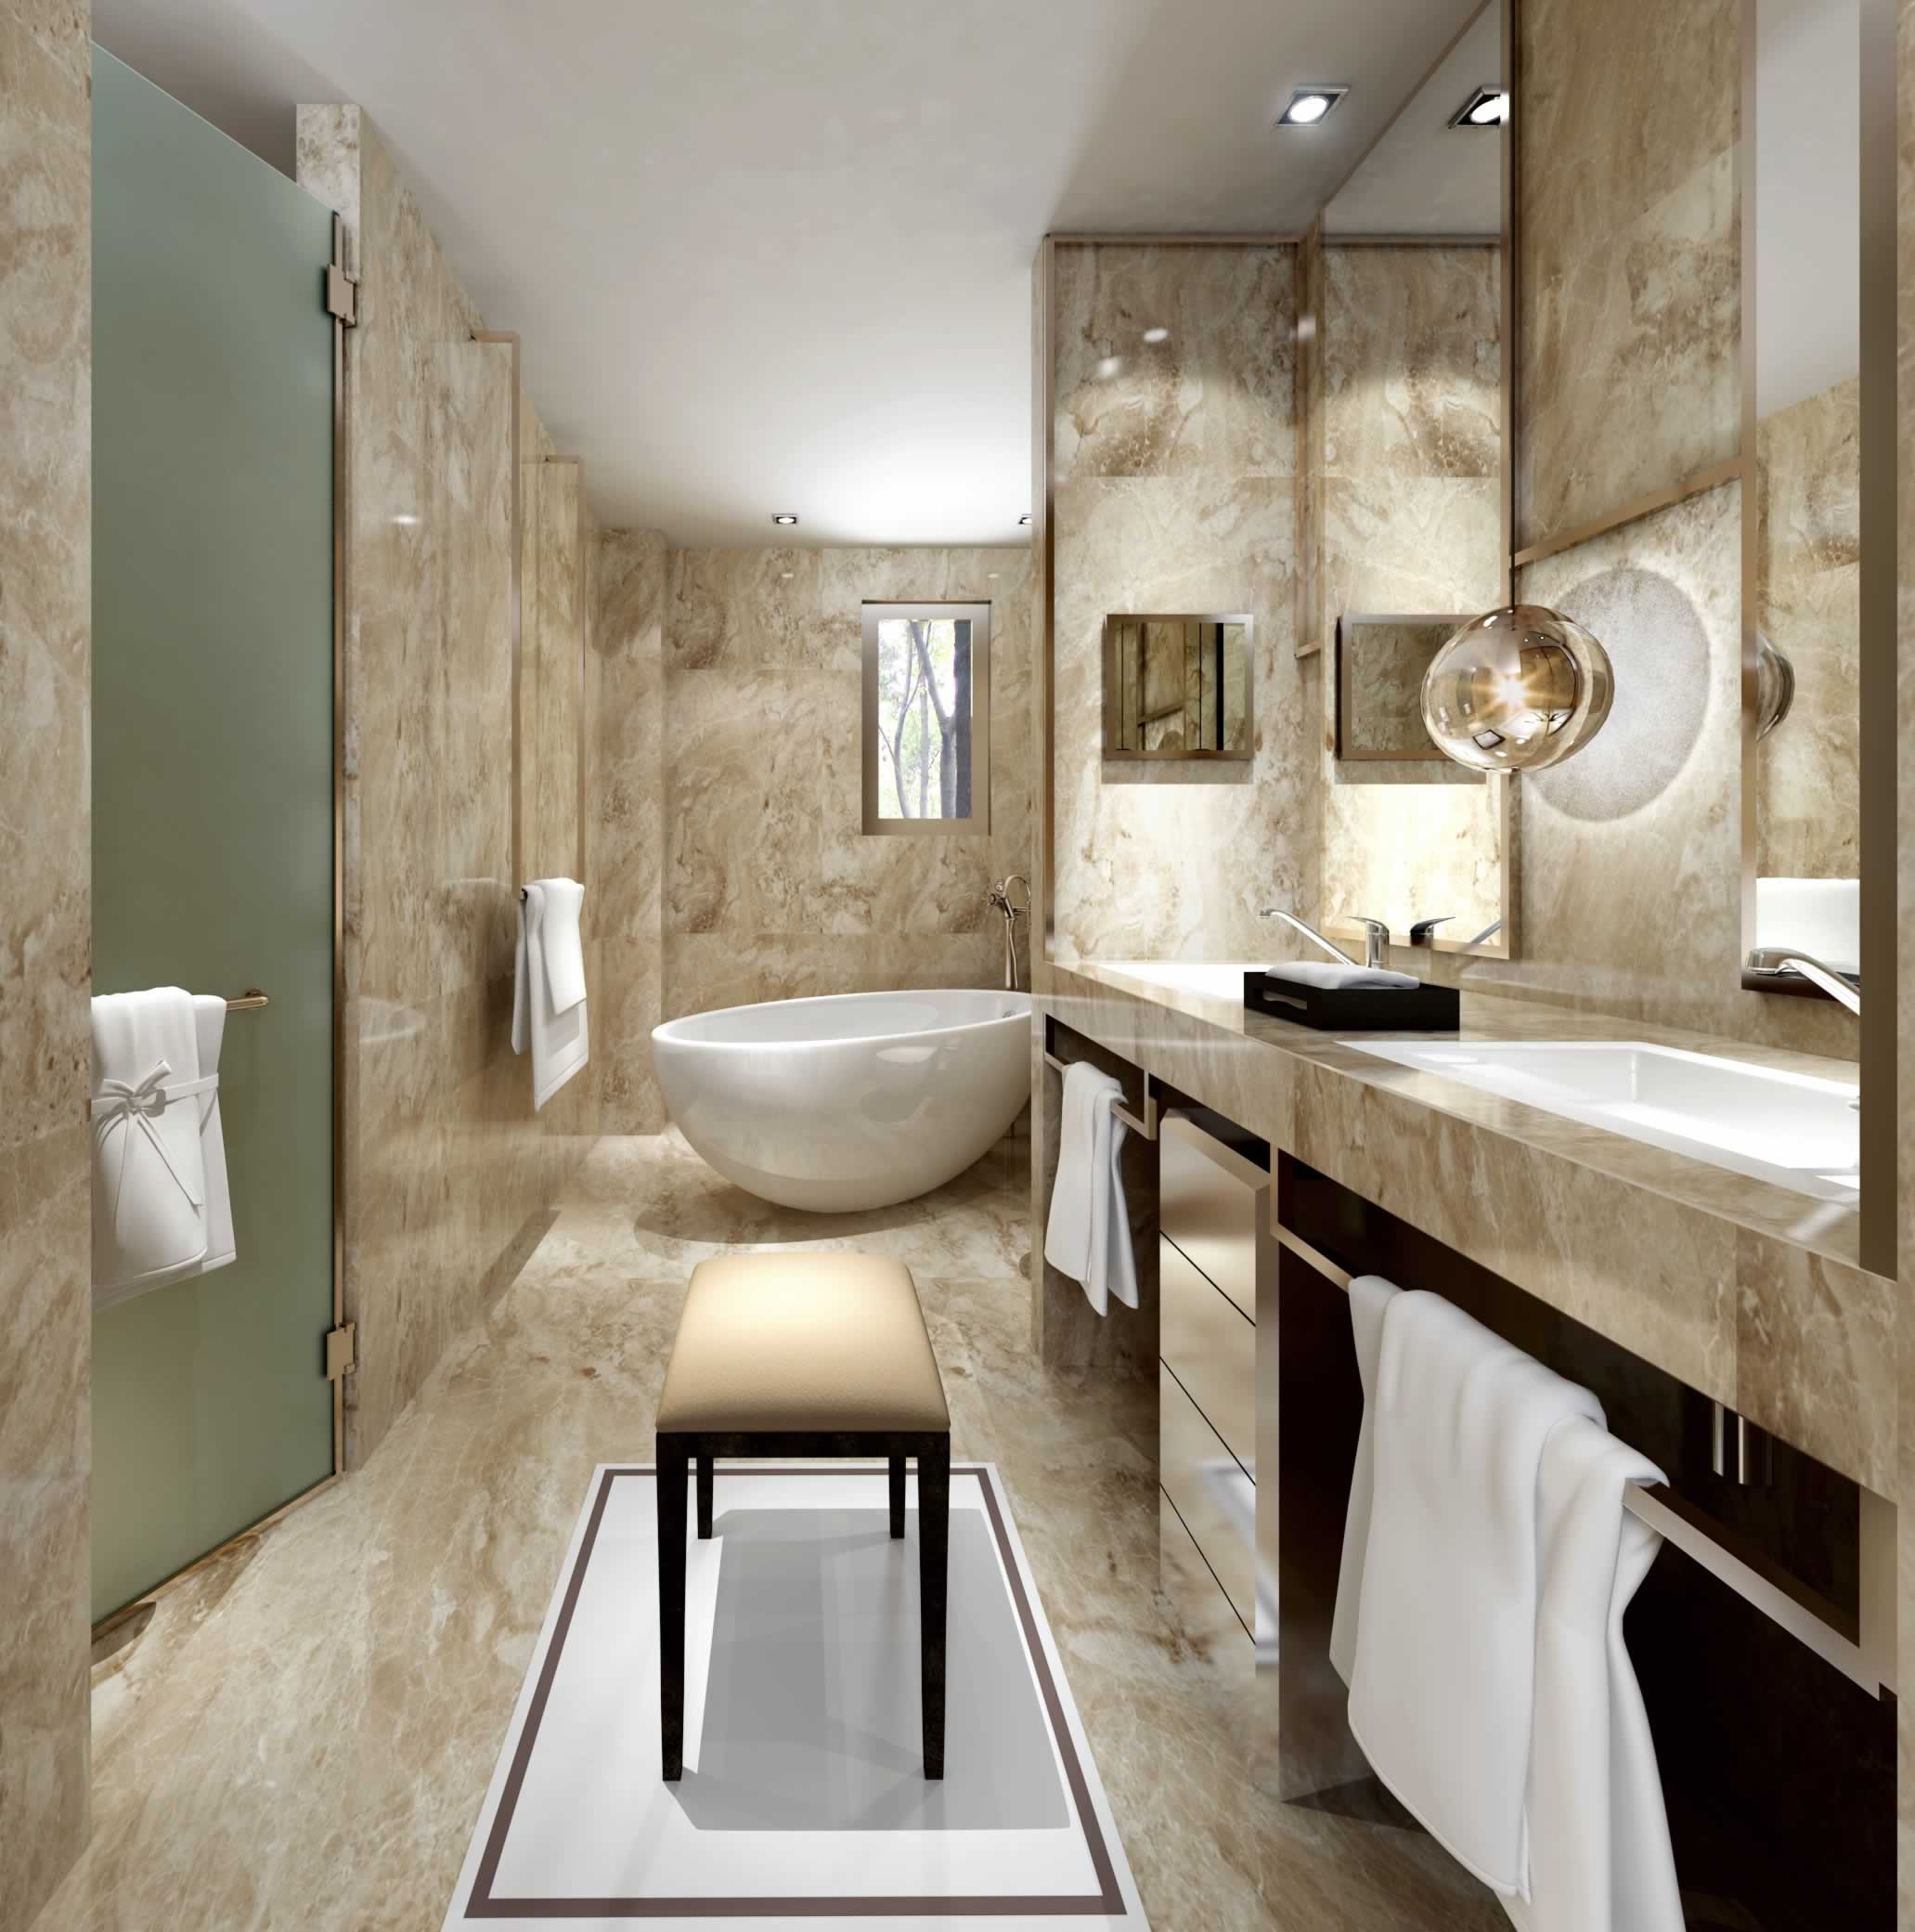 厕所 家居 起居室 设计 卫生间 卫生间装修 装修 2063_2081